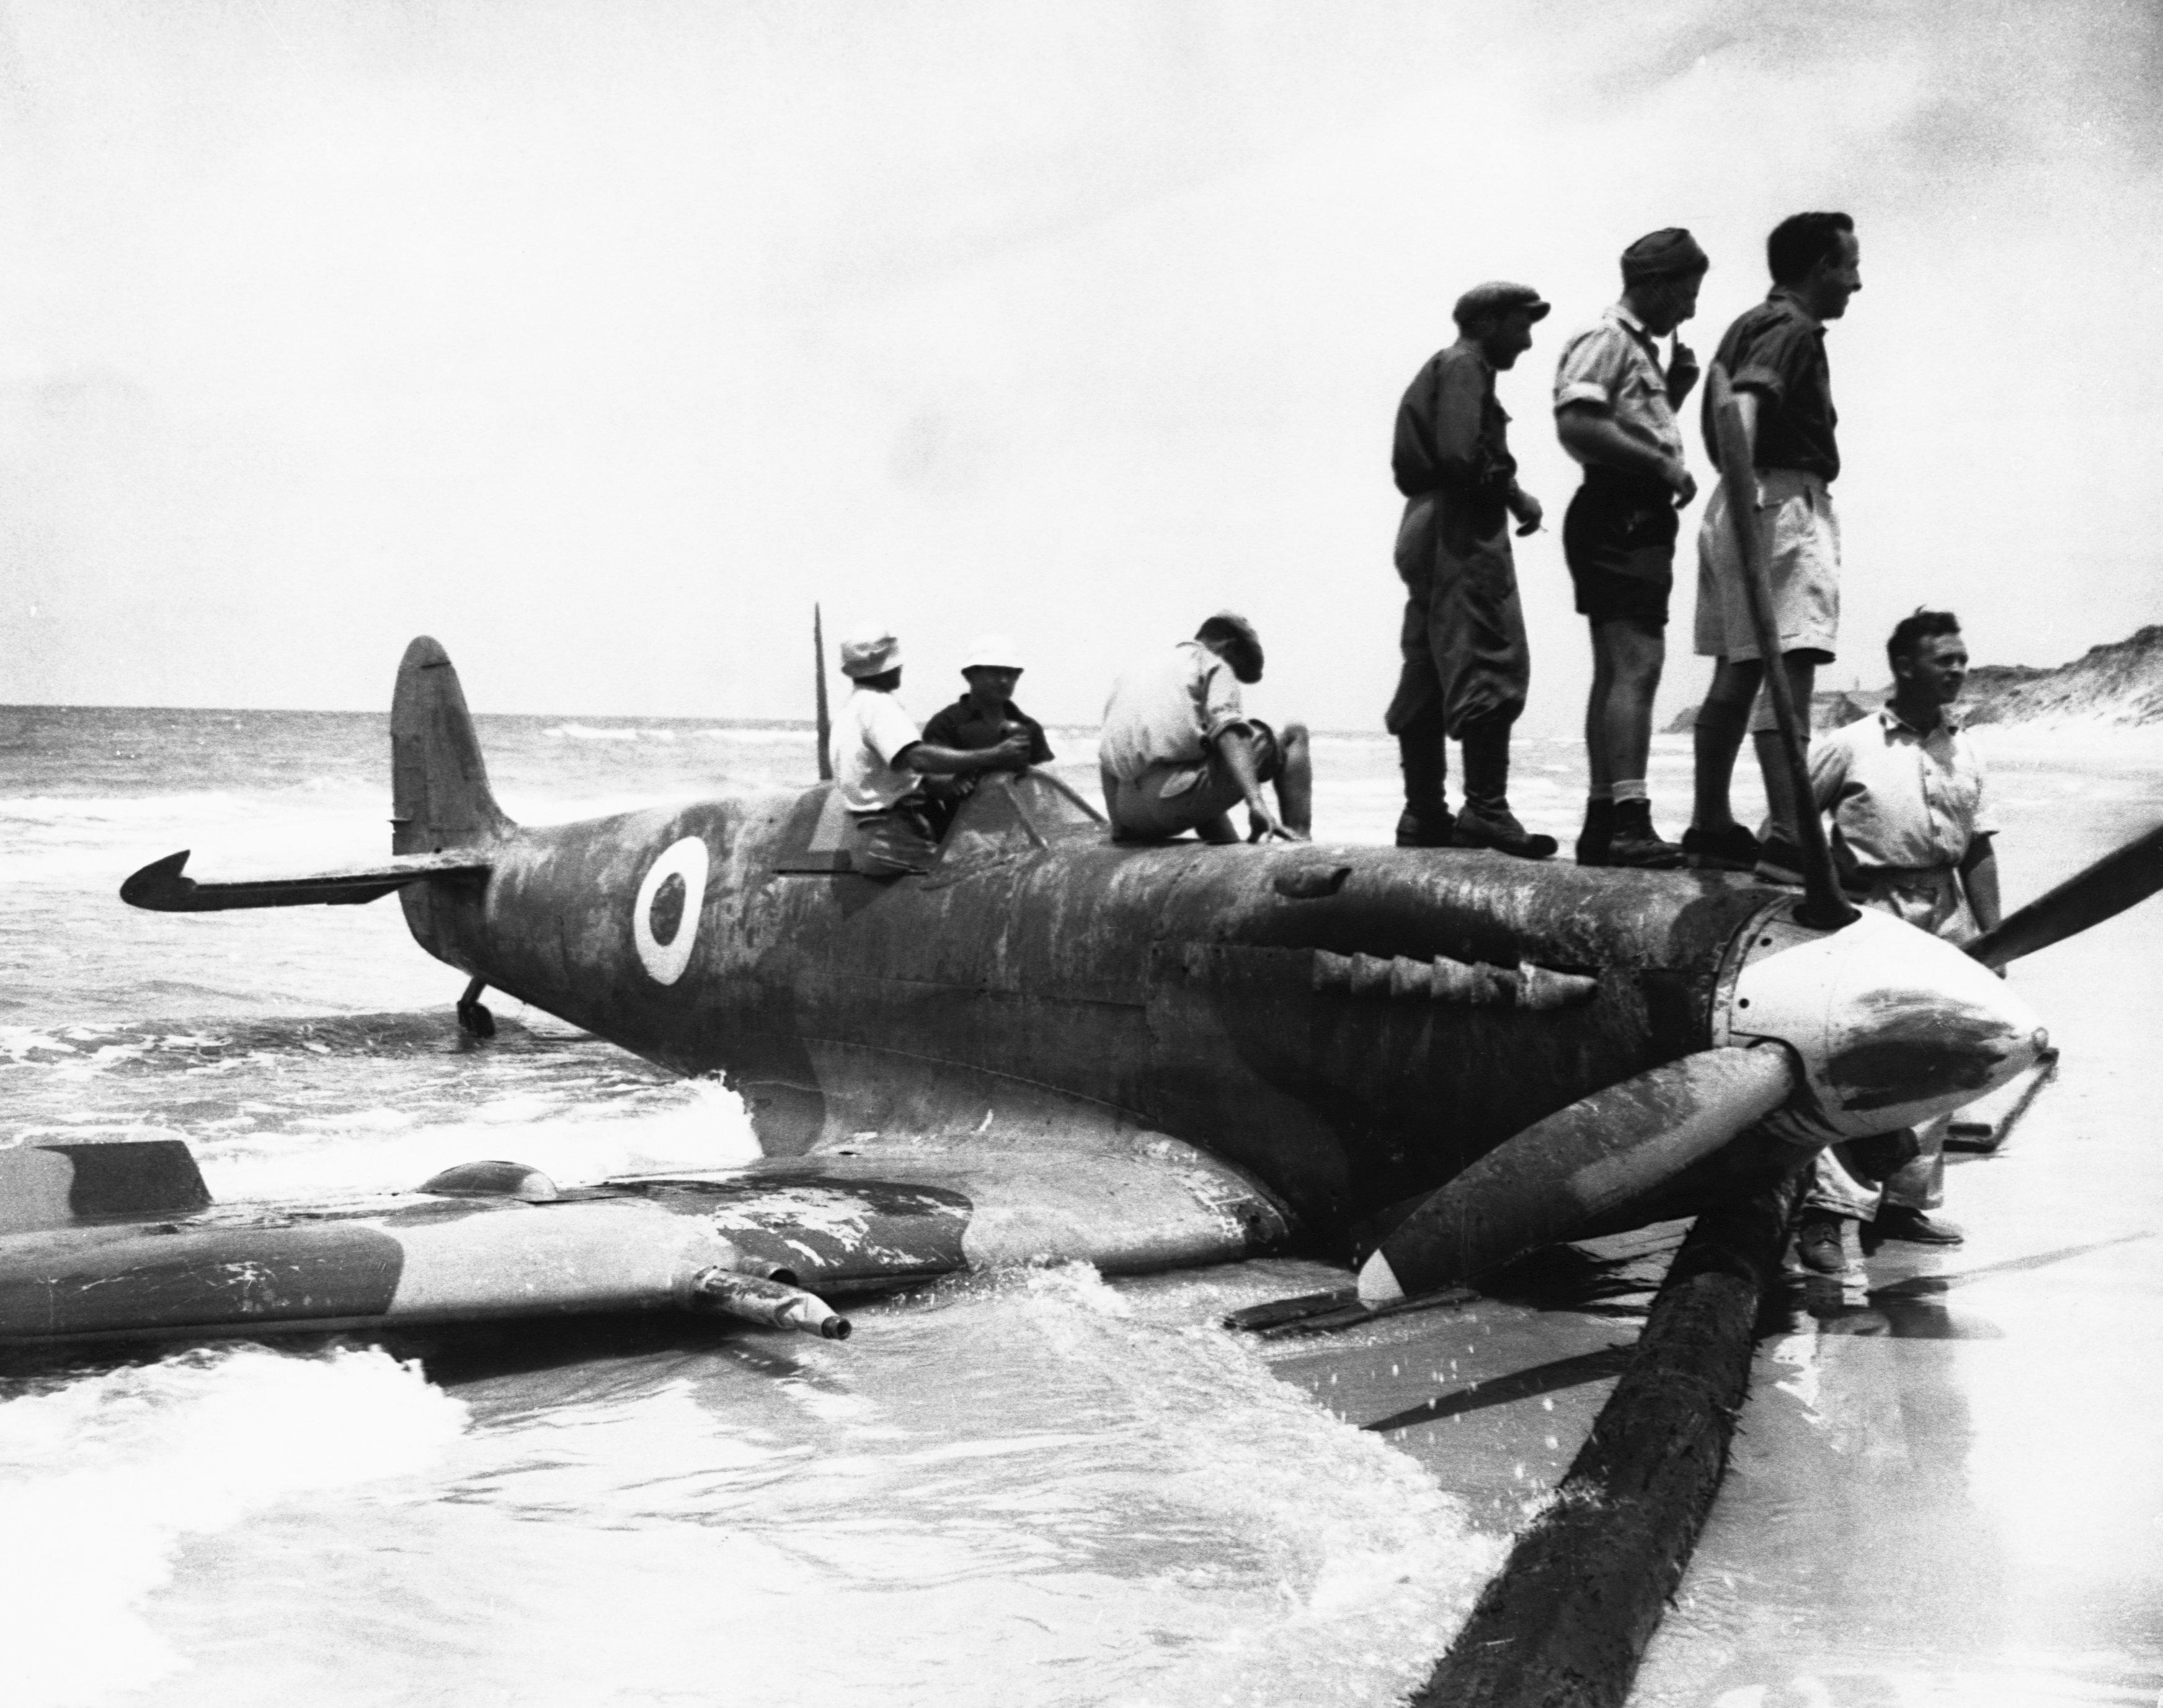 جنود إسرائيليون يقفون على طائرة مصرية أسقطوها خلال الحرب في فلسطين عام 1948.